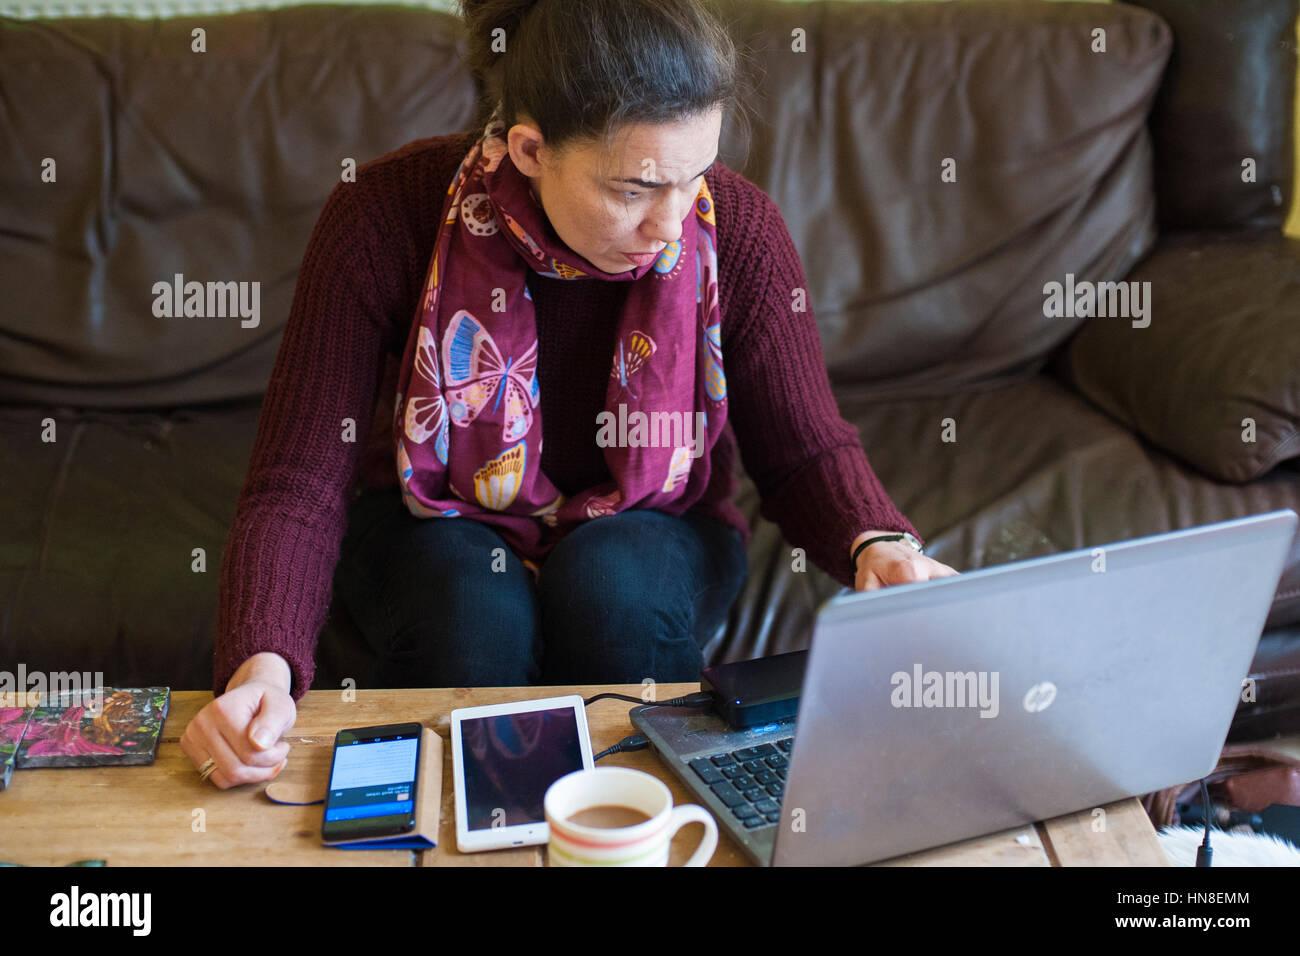 Una donna nei suoi trent'anni di lavoro da casa con un computer portatile, telefono mobile e tablet sul tavolo Immagini Stock